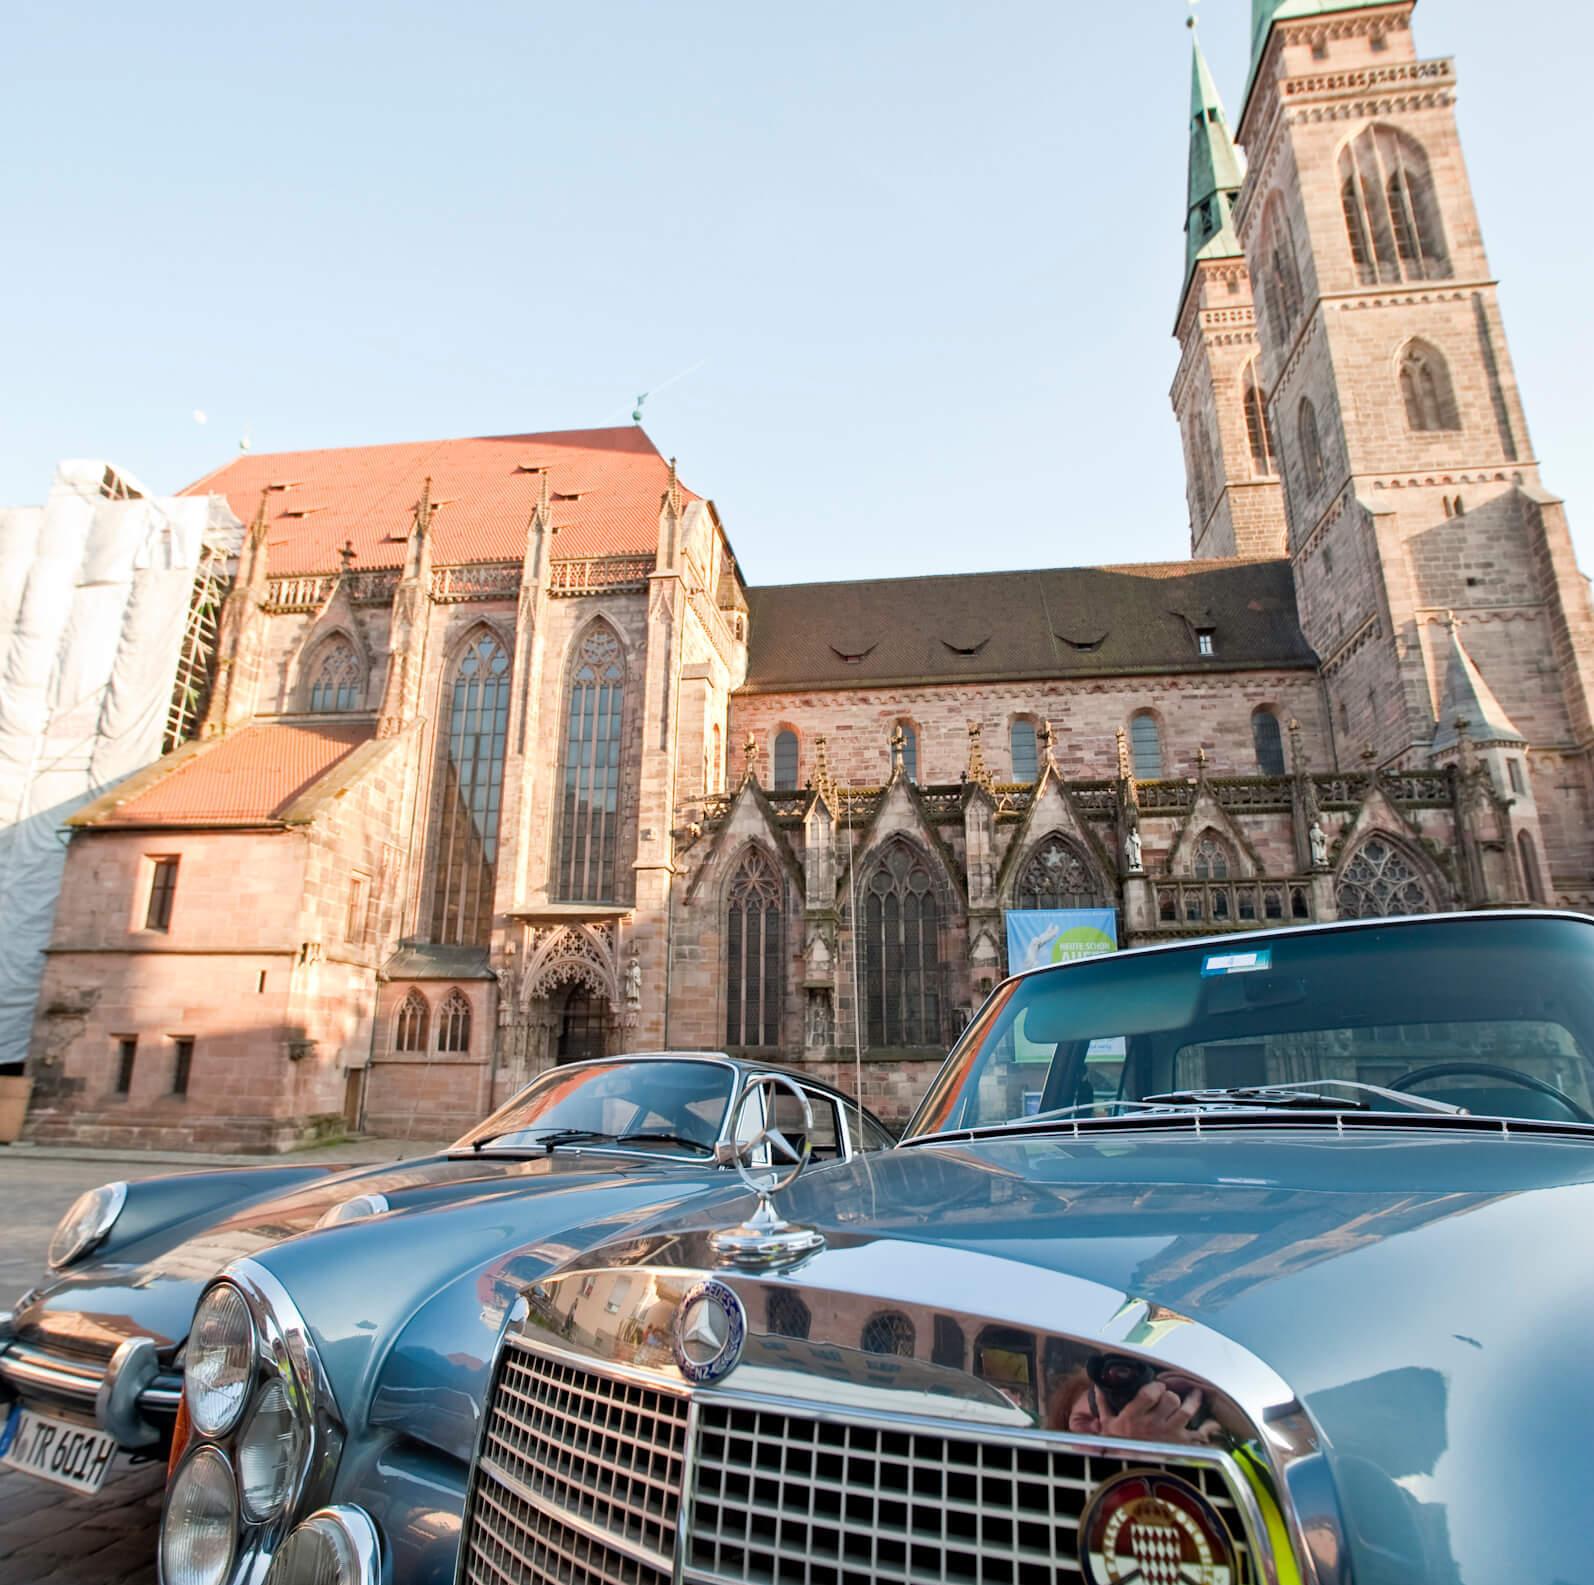 Oldtimer vor Frauenkirche Nürnberg